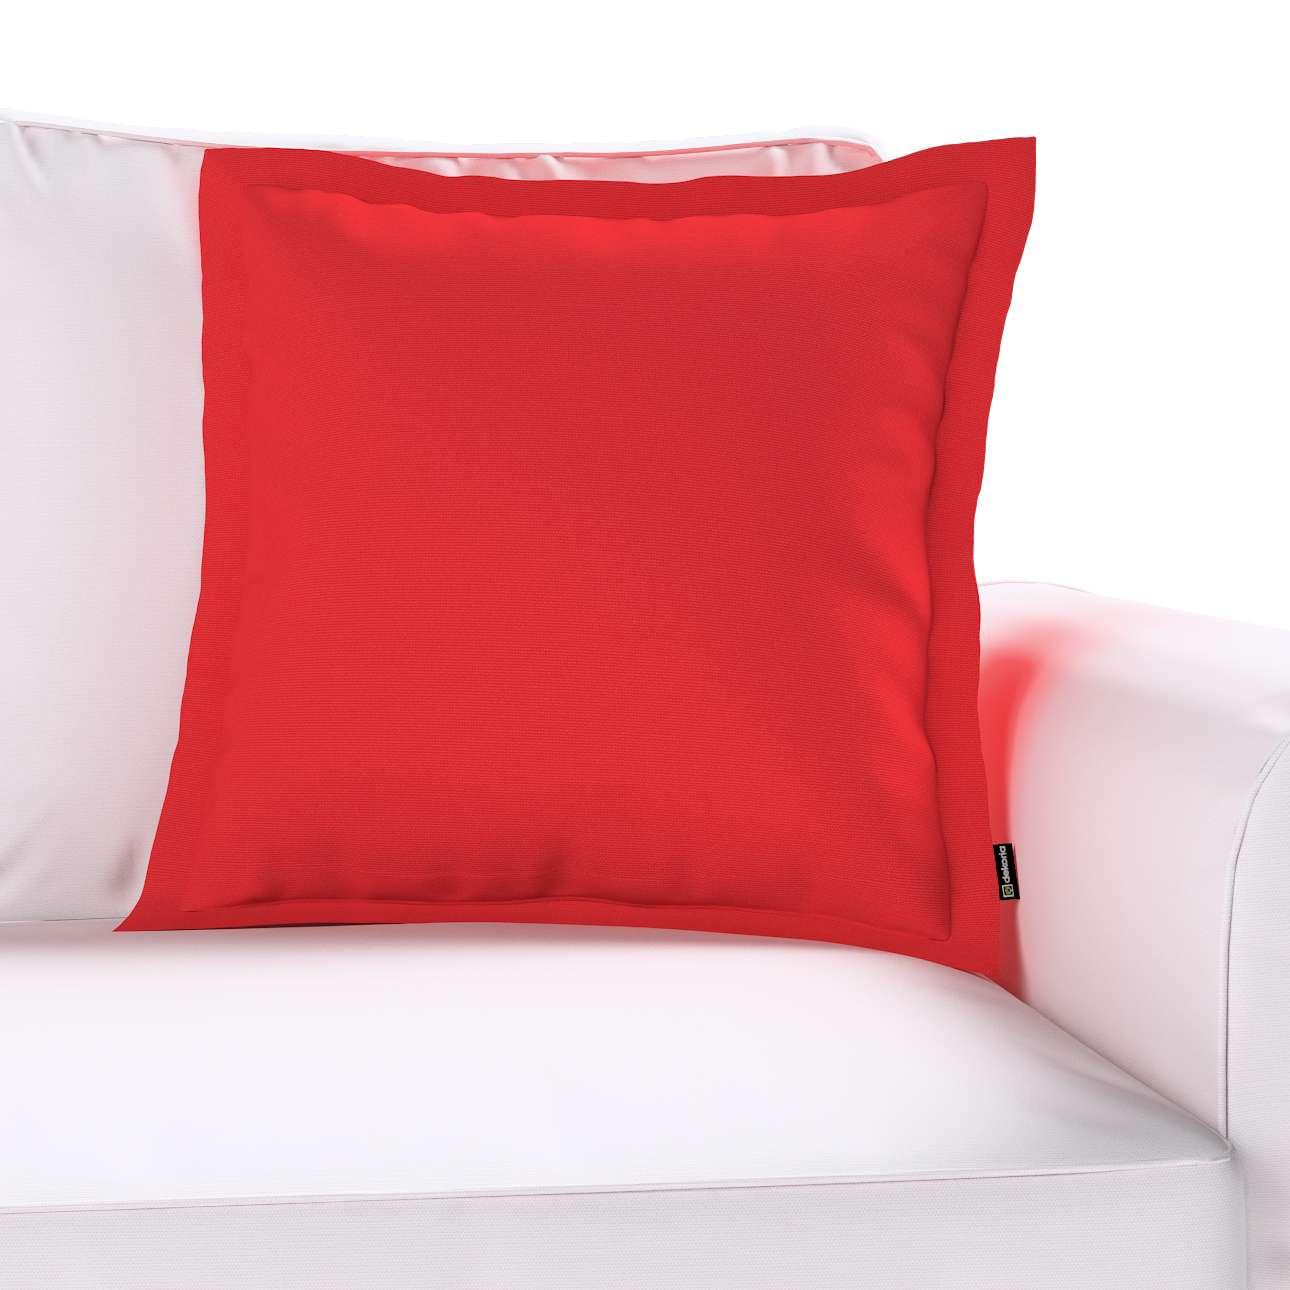 Poszewka Mona na poduszkę 45x45 cm w kolekcji Loneta, tkanina: 133-43